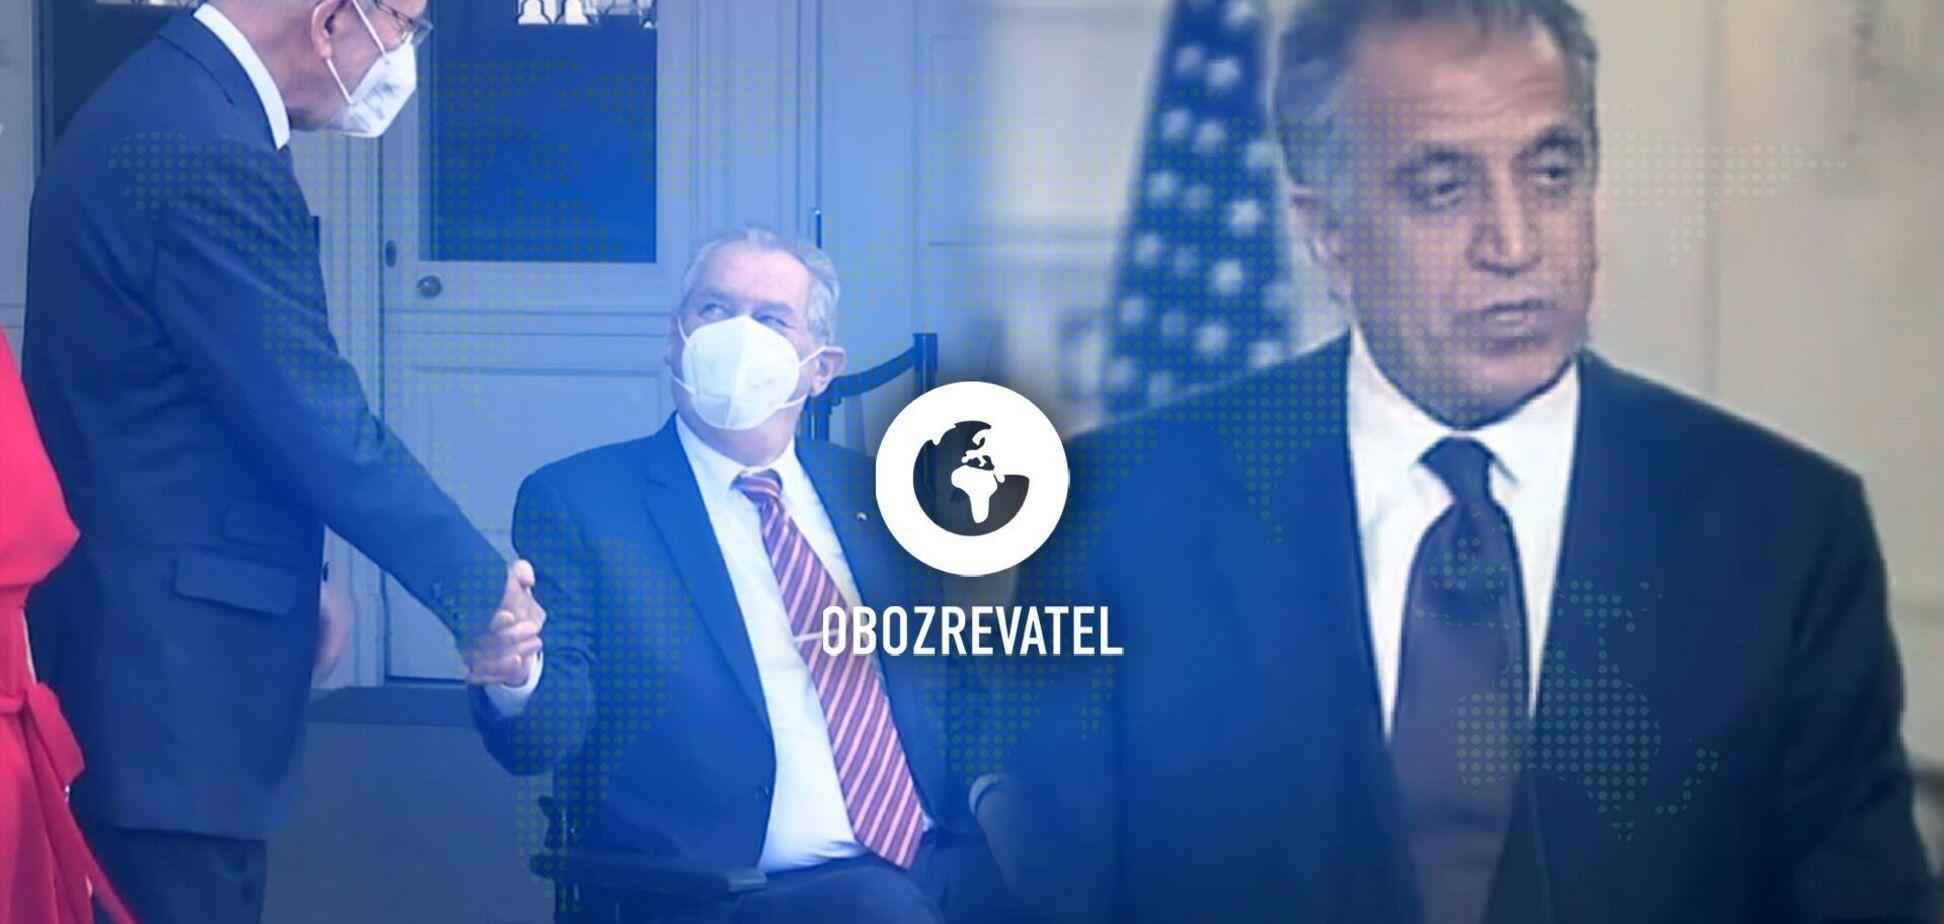 Відсторонення президента Чехії та відмова від мандата депутата парламенту колишнього президента Молдови – дайджест міжнародних подій